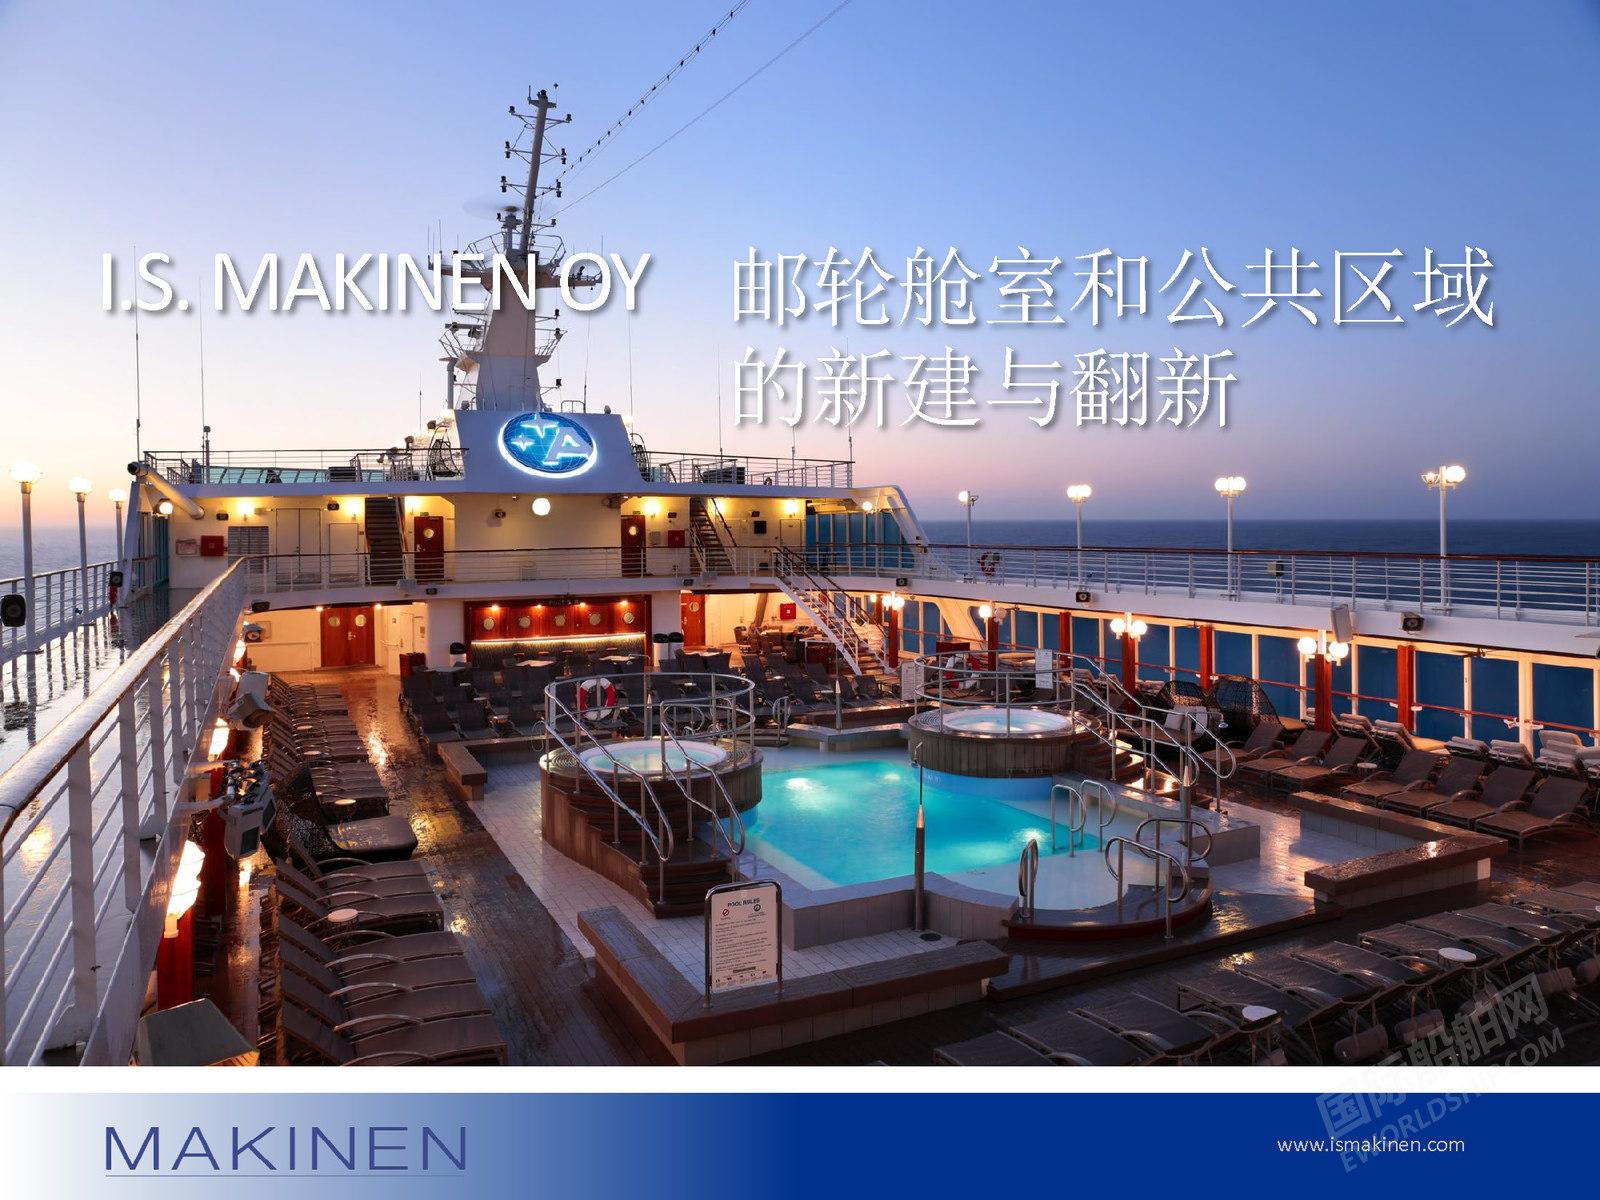 I.S.MAKINEN OY 邮轮舱室和公共区域的新建与翻新